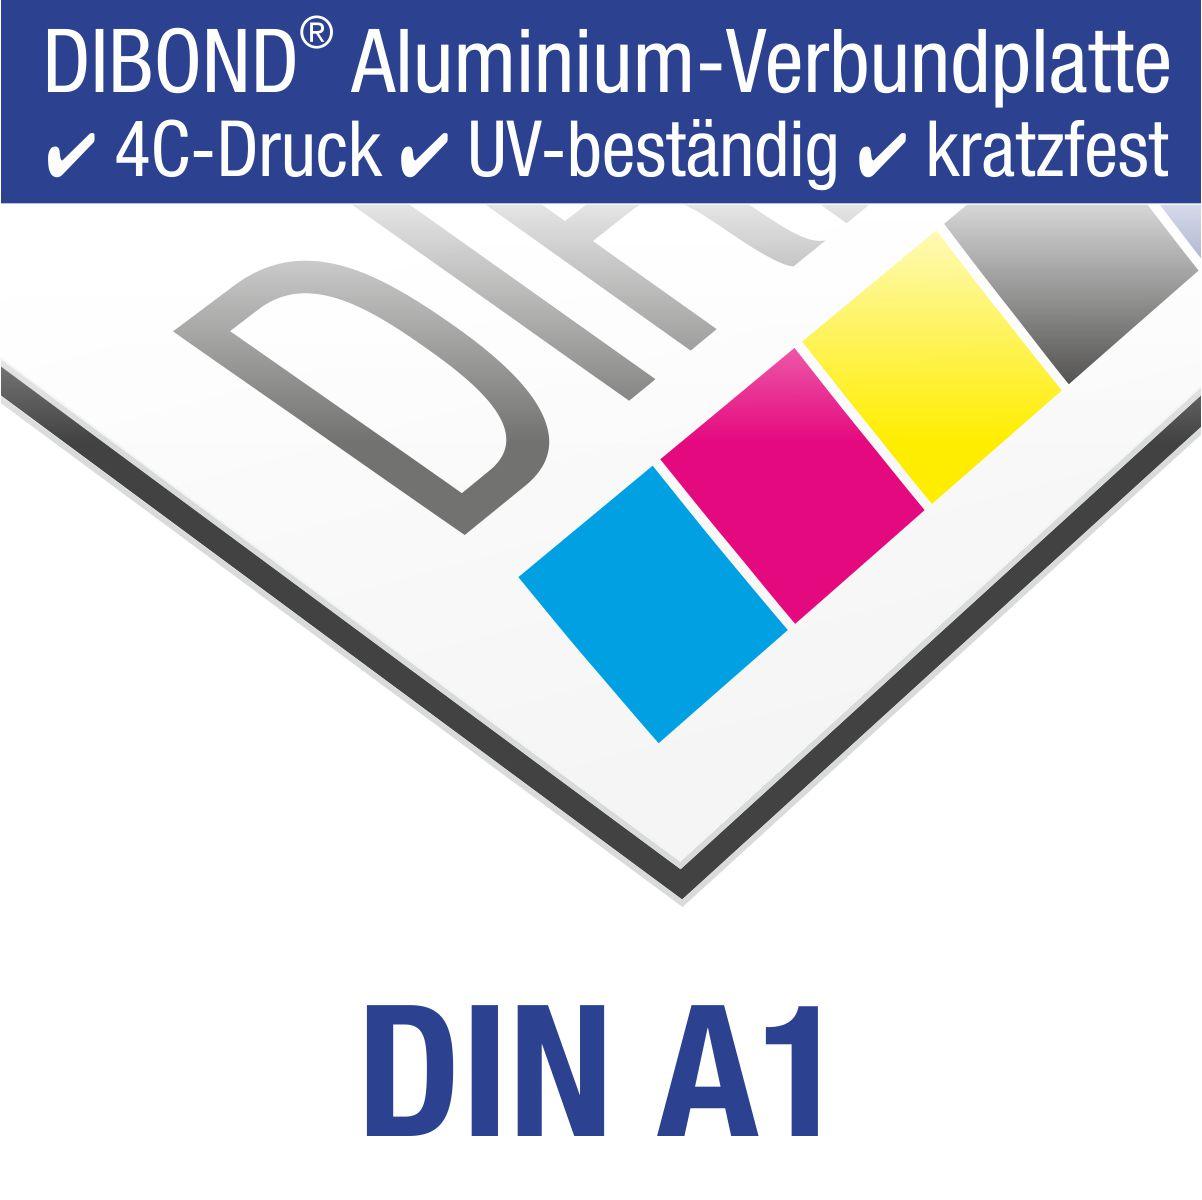 DIBOND® Schild mit 4C-Druck | DIN A1 (84,1 x 59,4 cm)